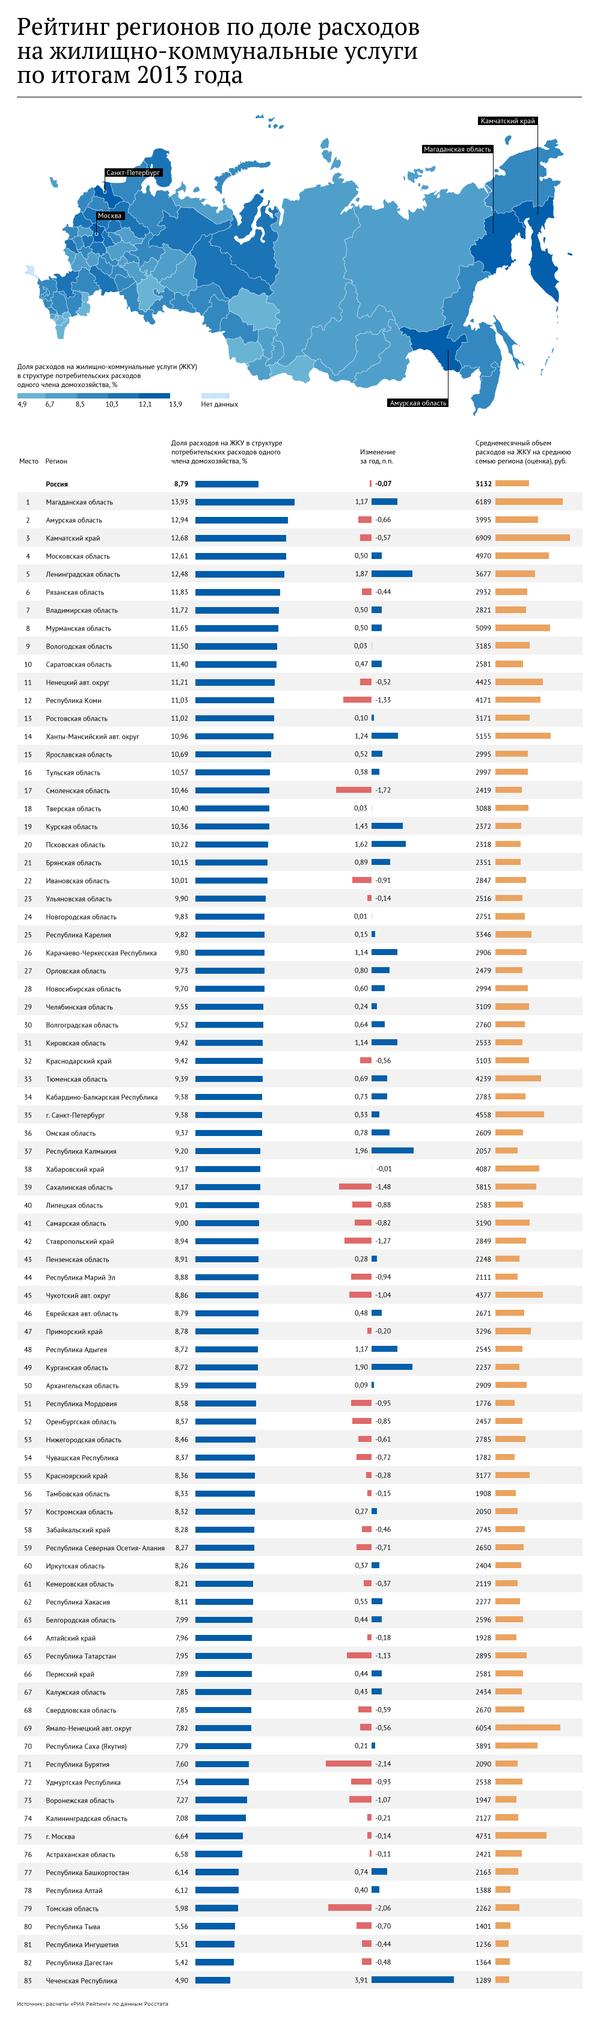 Рейтинг регионов по доле расходов на ЖКХ за 2013 год